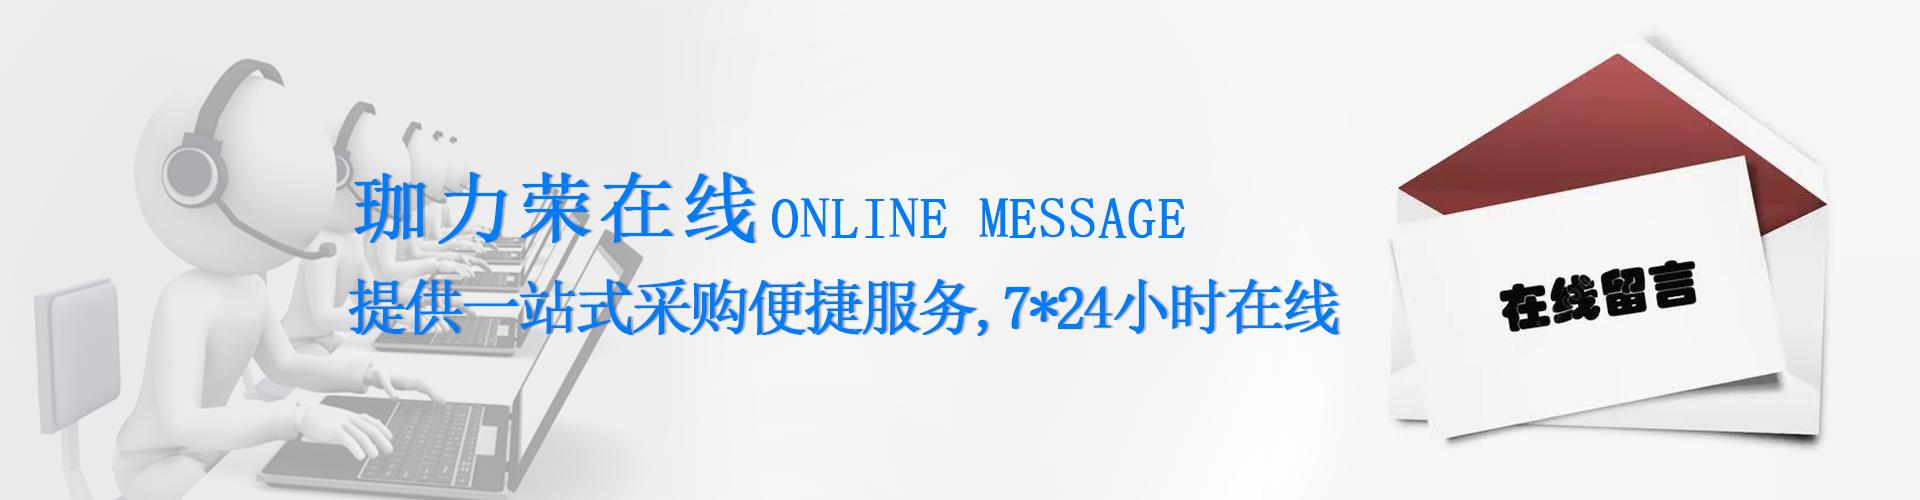 http://www.fsjlr.com/data/upload/202011/20201119175739_660.png